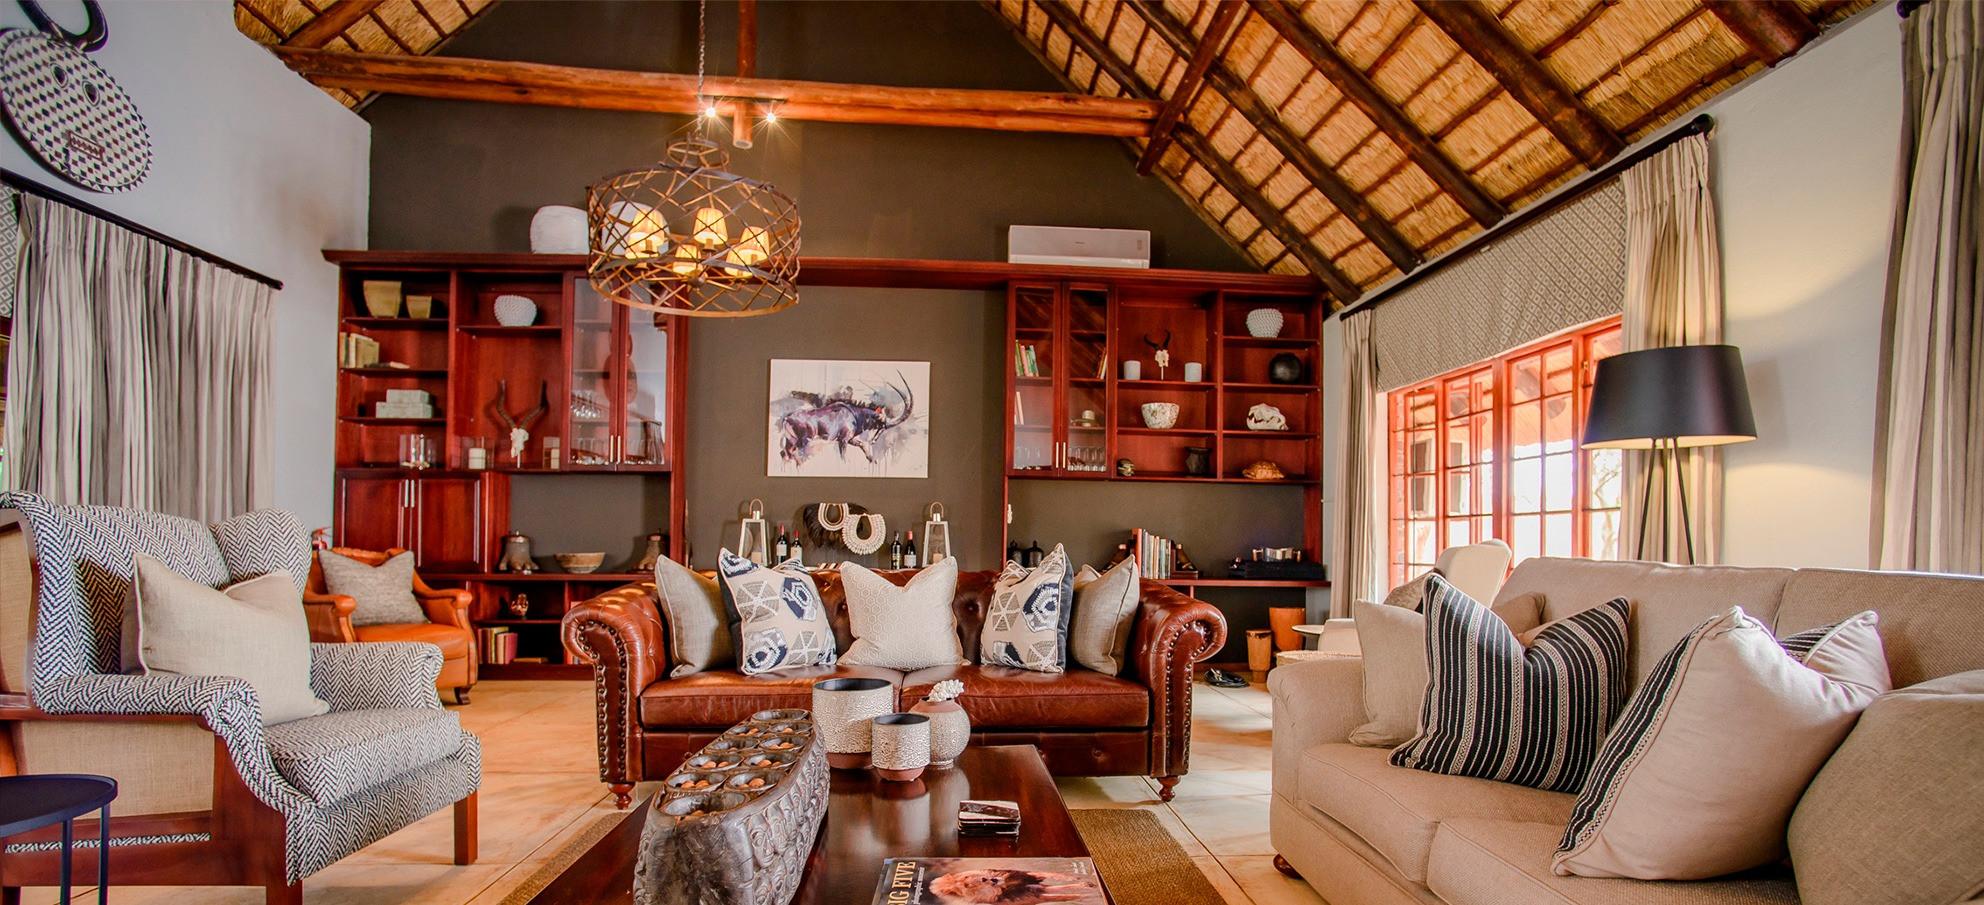 Duke Wine Tasting Room at Kilima